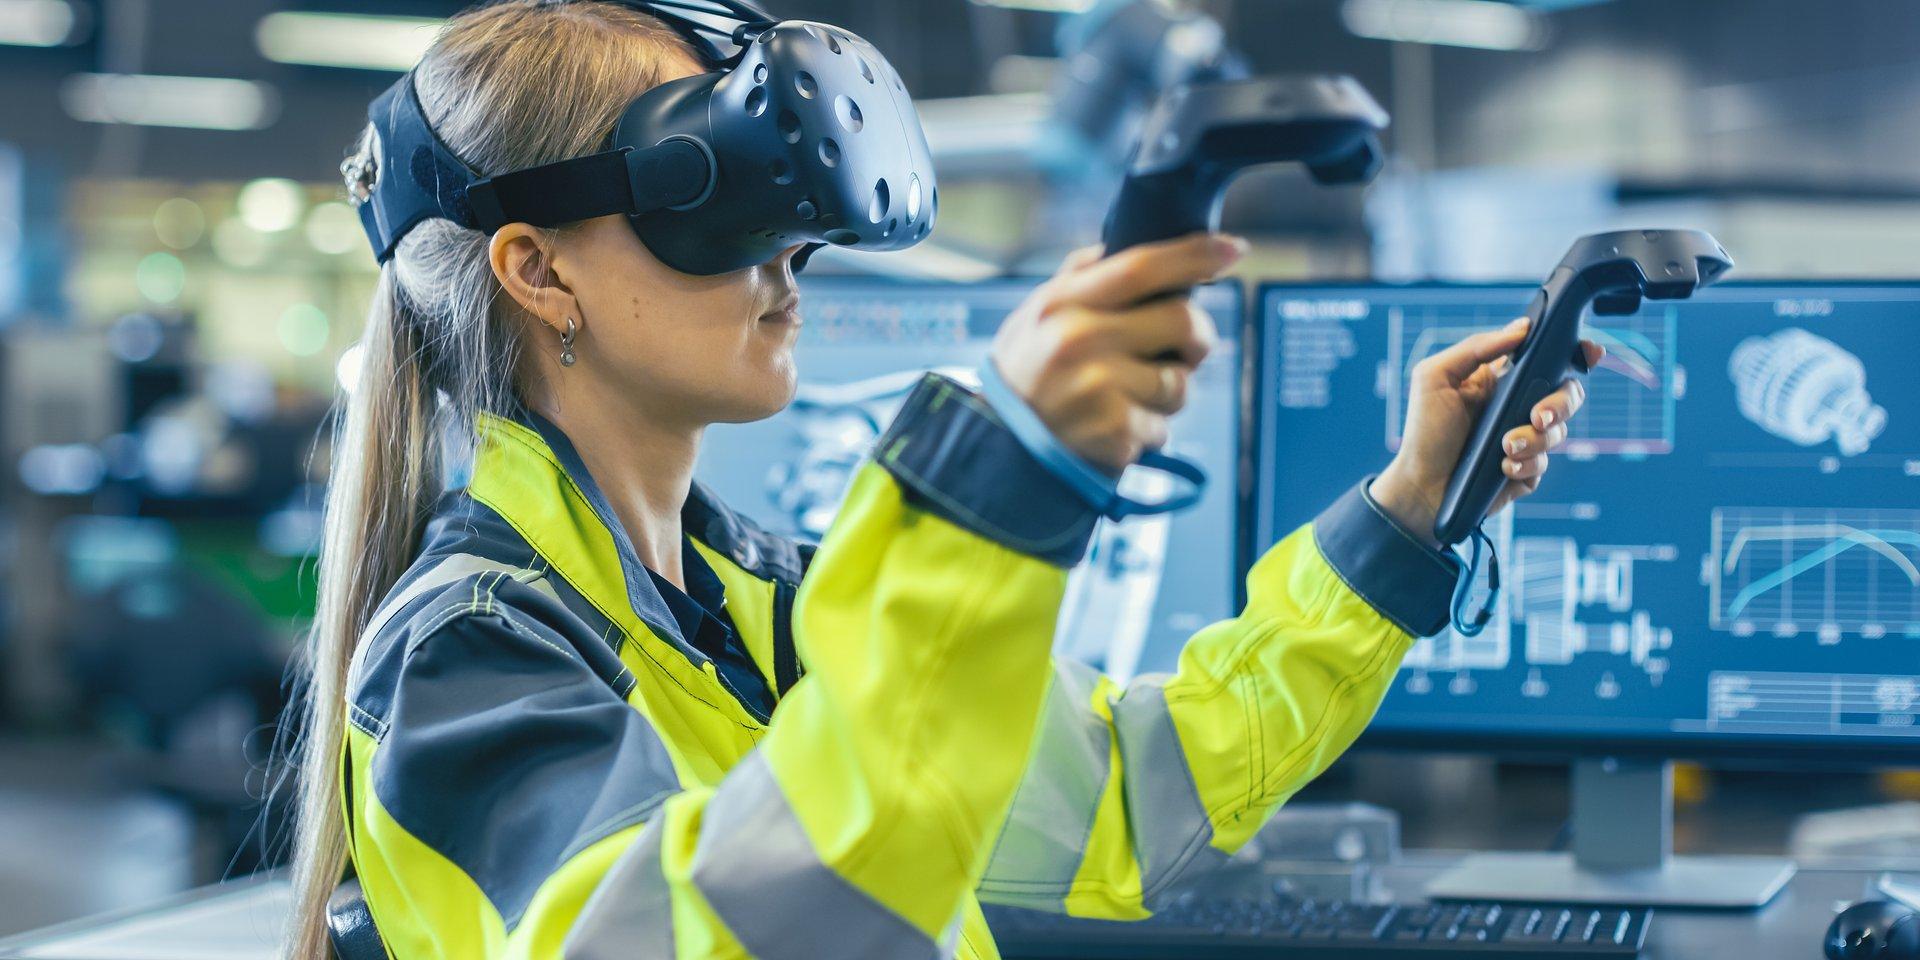 Przemysł na home office, czyli o potencjale robotyzacji w dobie pandemii